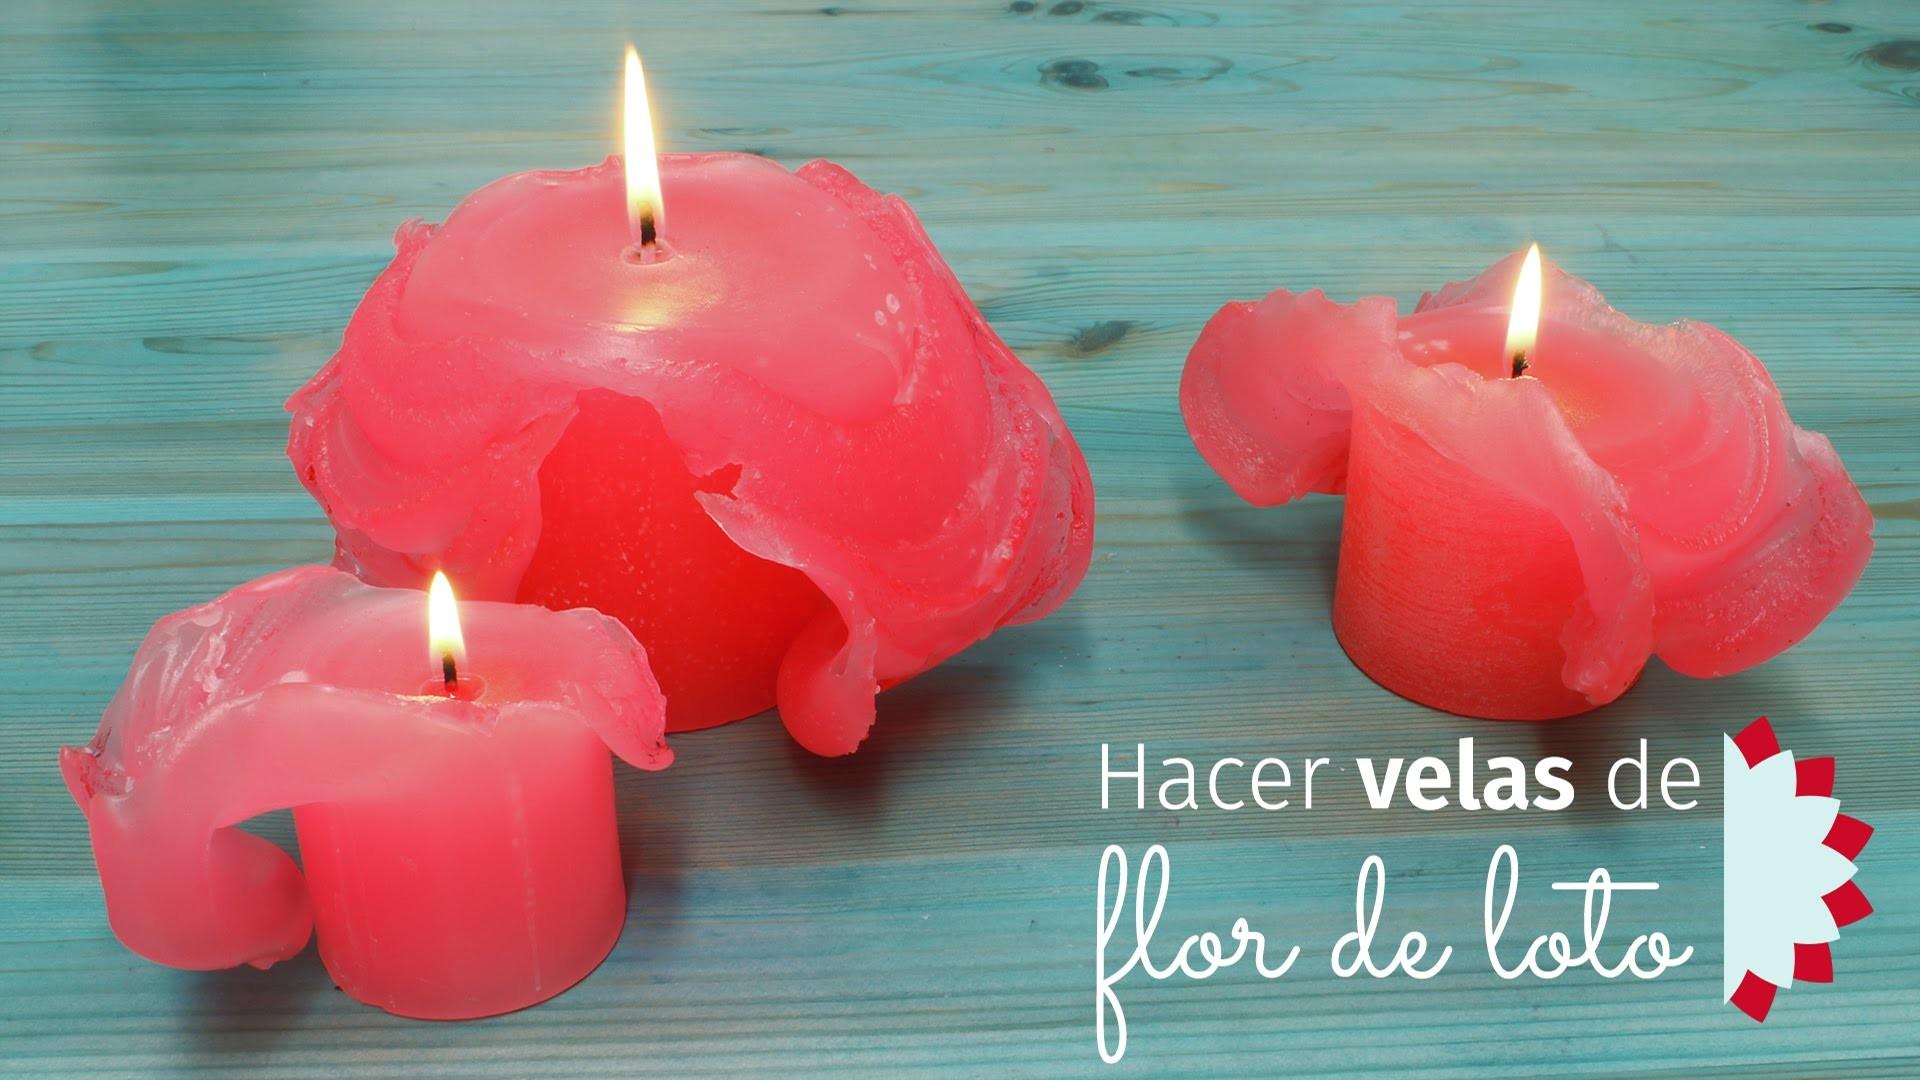 Hacer velas con flor de loto